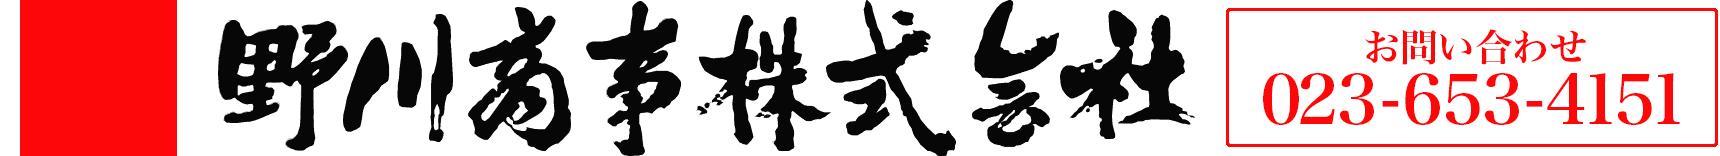 野川商事株式会社